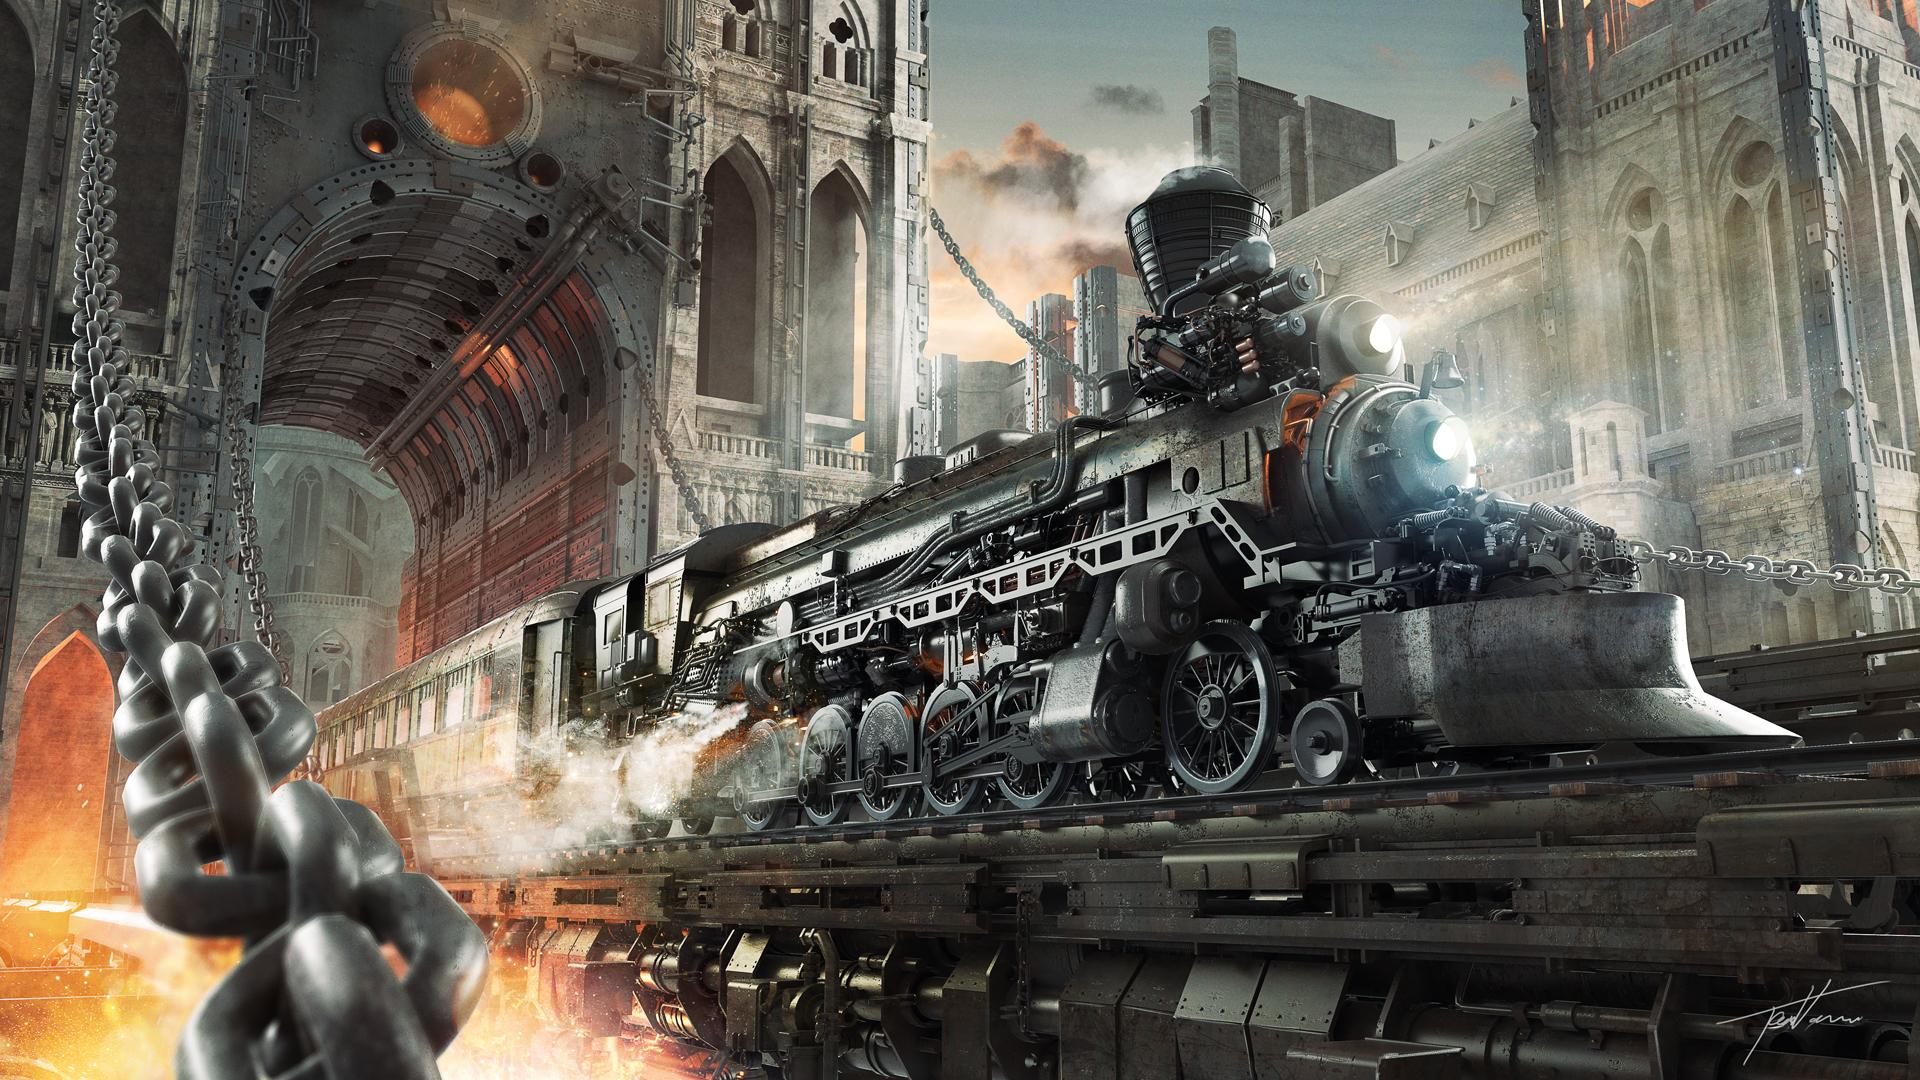 壁紙 19x1080 スチームパンク 列車 幻想的な世界 テクニクスファンタジー 機関車 鎖 ファンタジー ダウンロード 写真